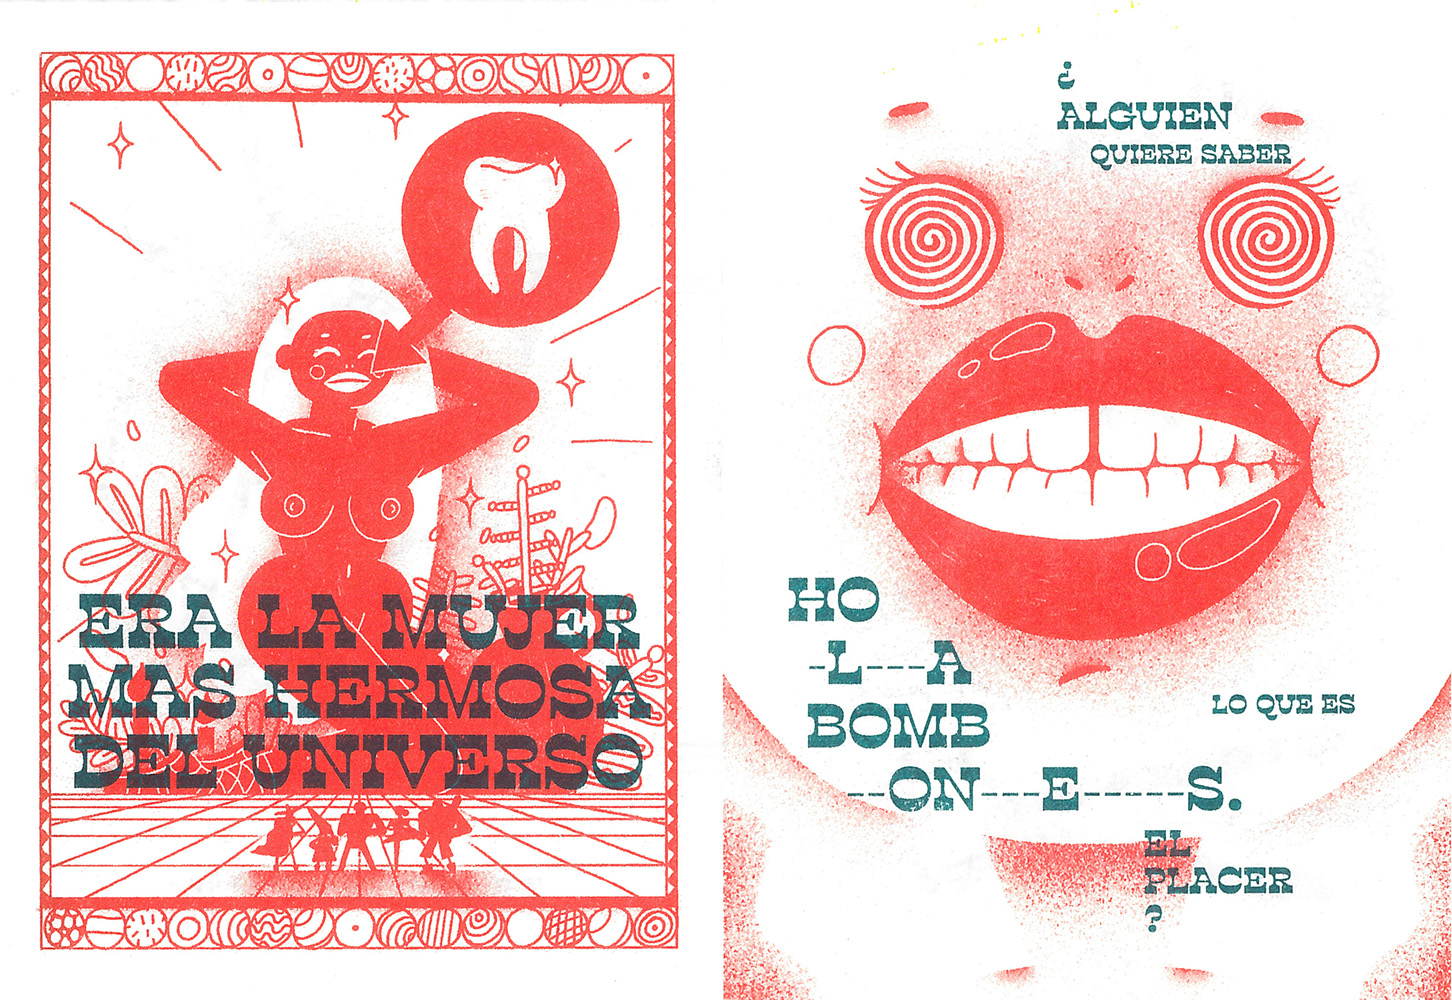 caravaggio scan – 02